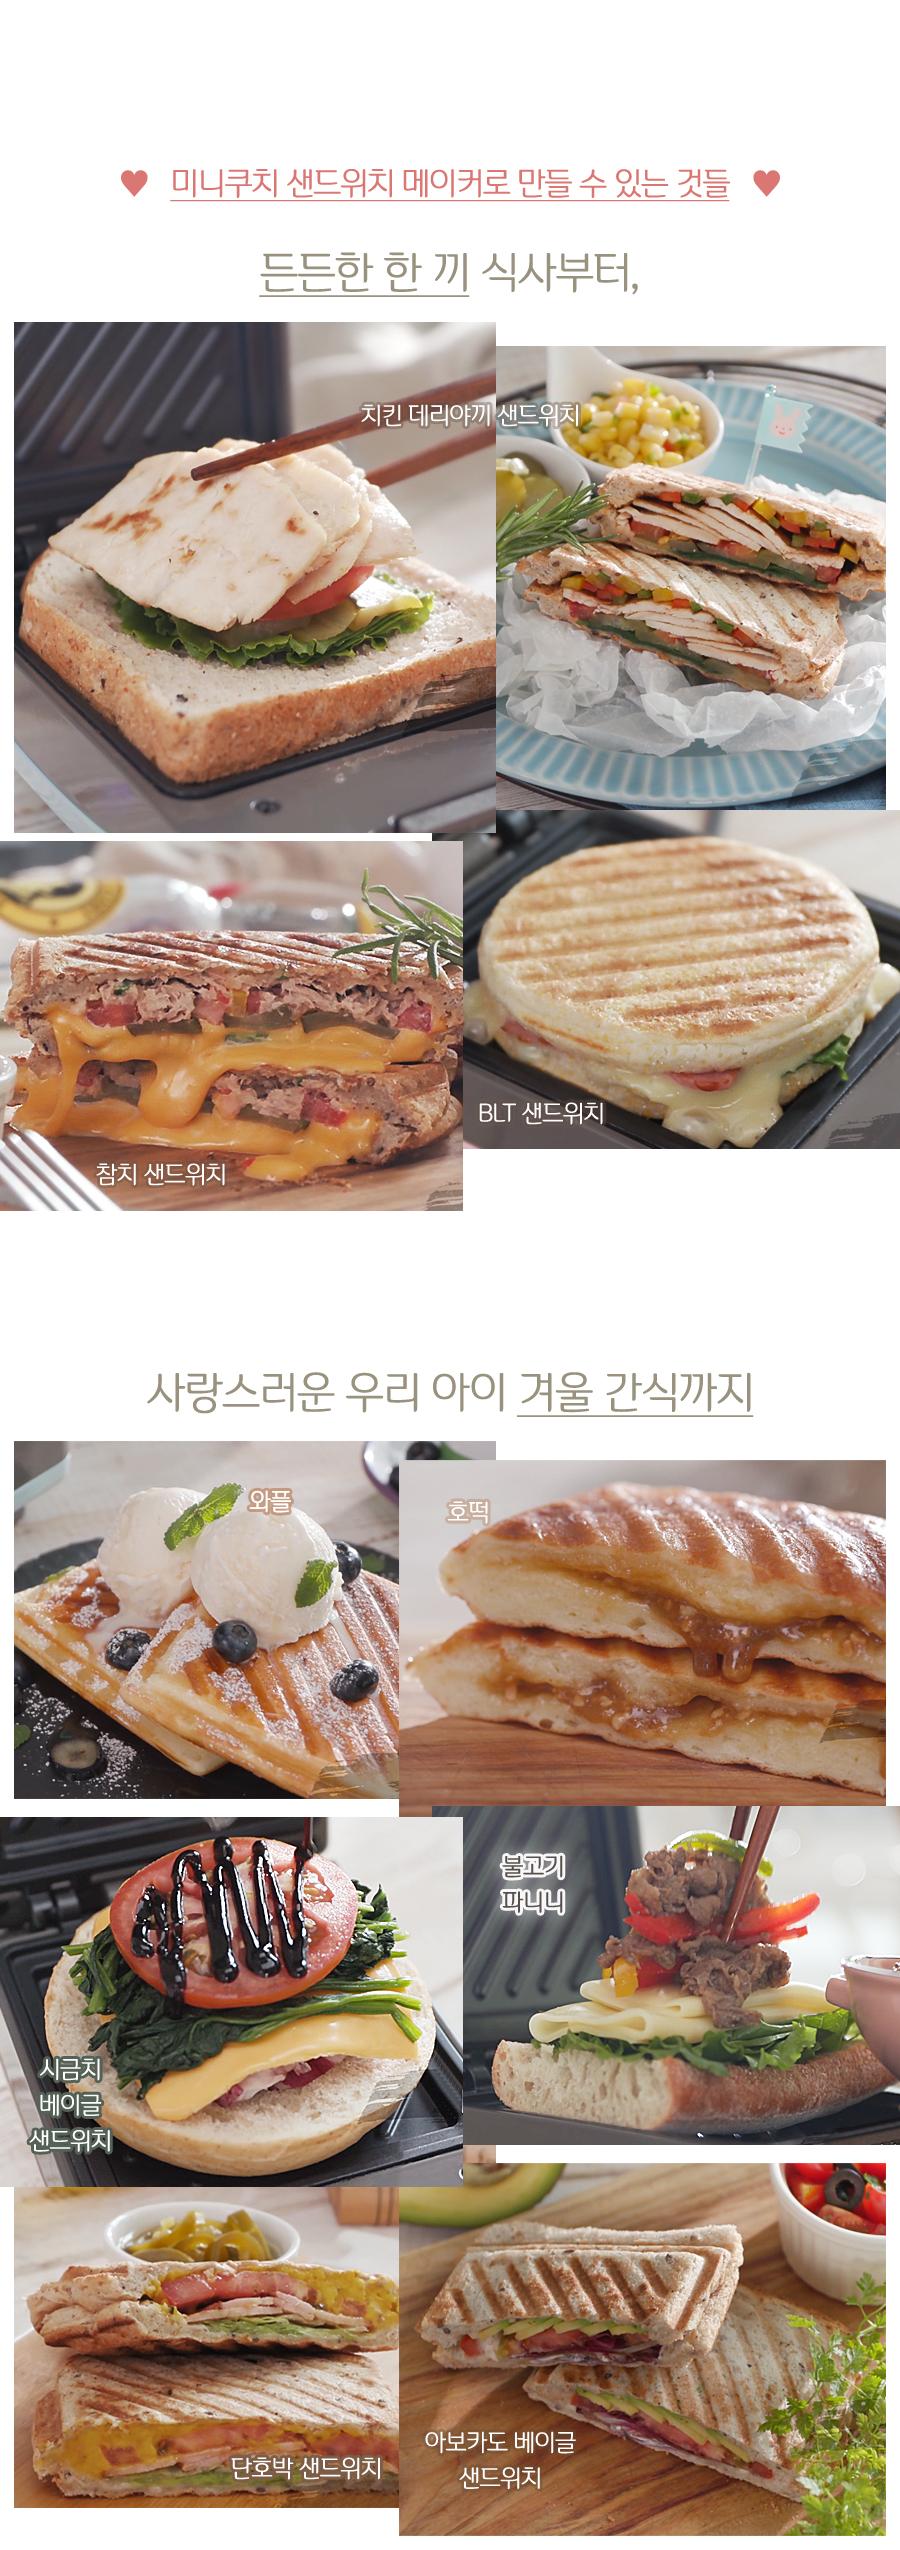 미니쿠치 프리미엄 샌드위치 메이커 MC-103SW - 미니쿠치, 79,000원, 오븐/토스터기/튀김기, 토스터